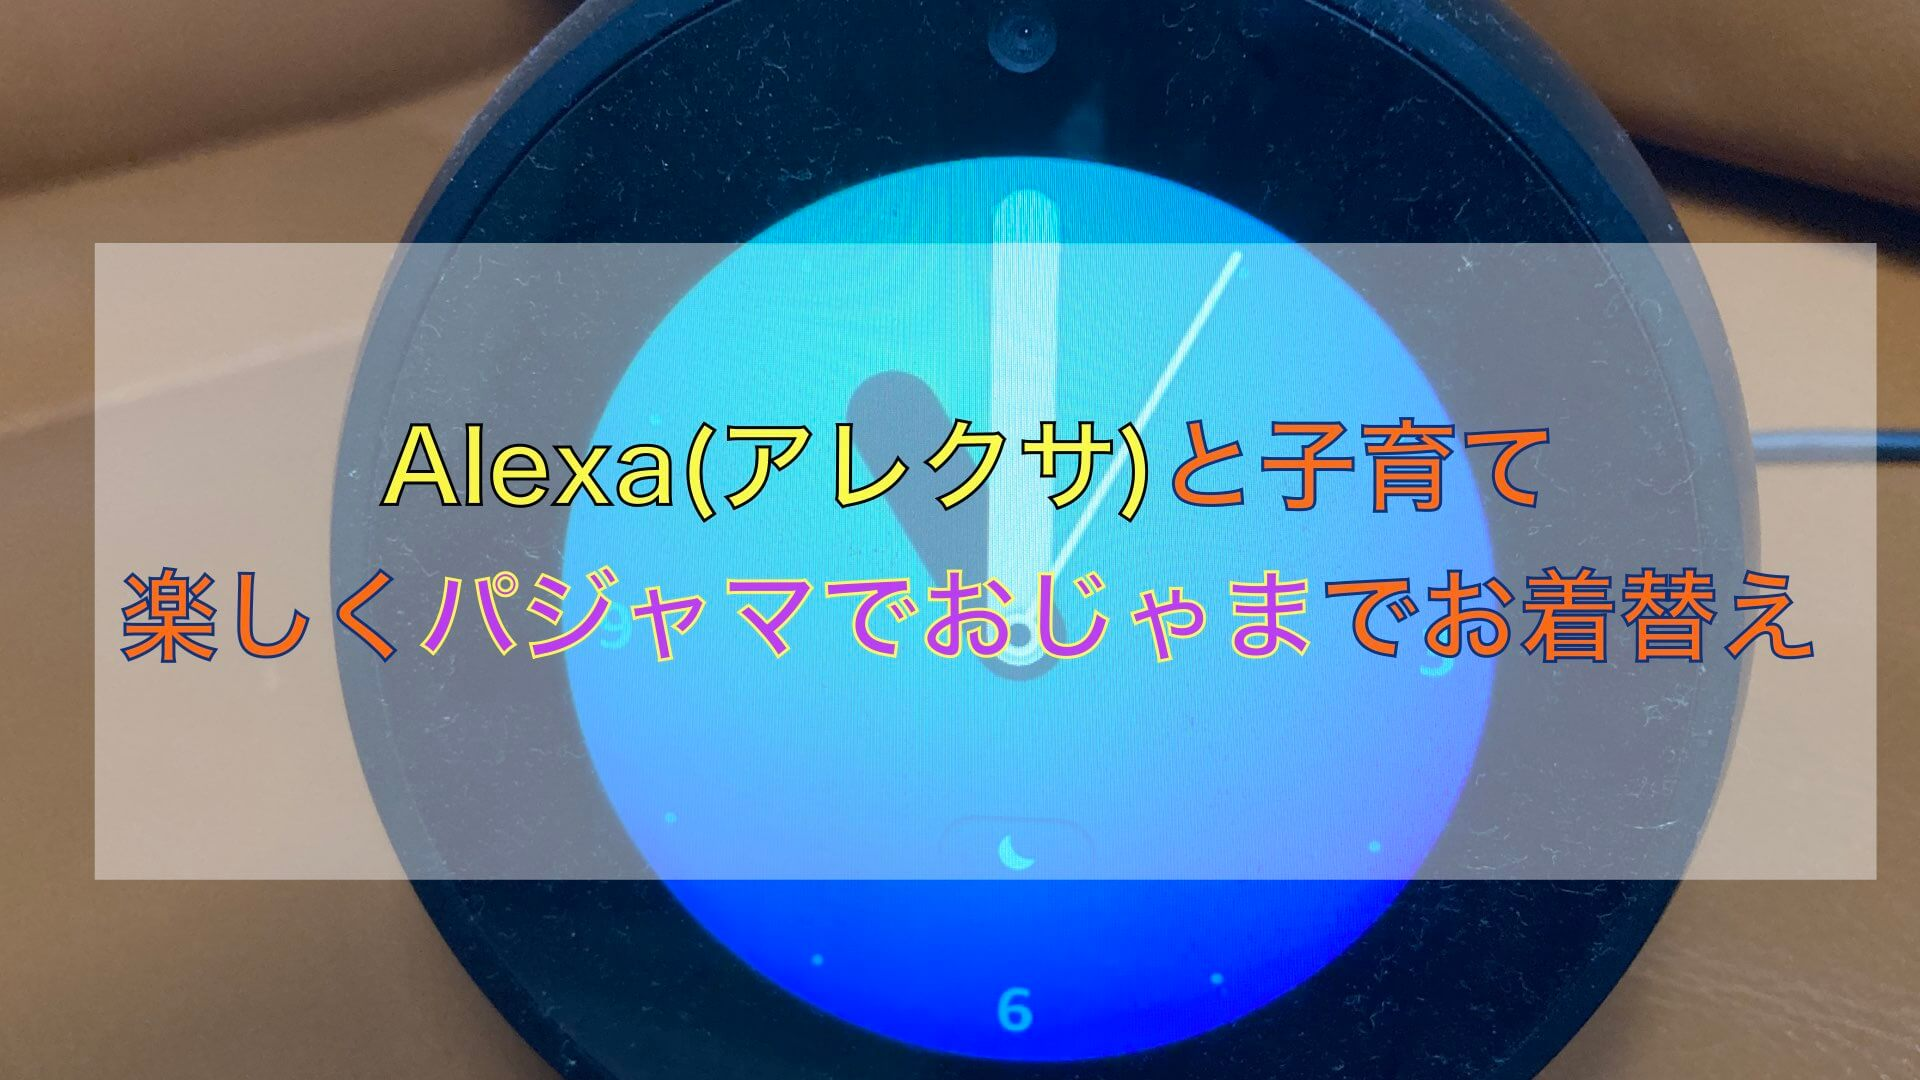 Alexa(アレクサ)と子育て 楽しくパジャマでおじゃまでお着替え